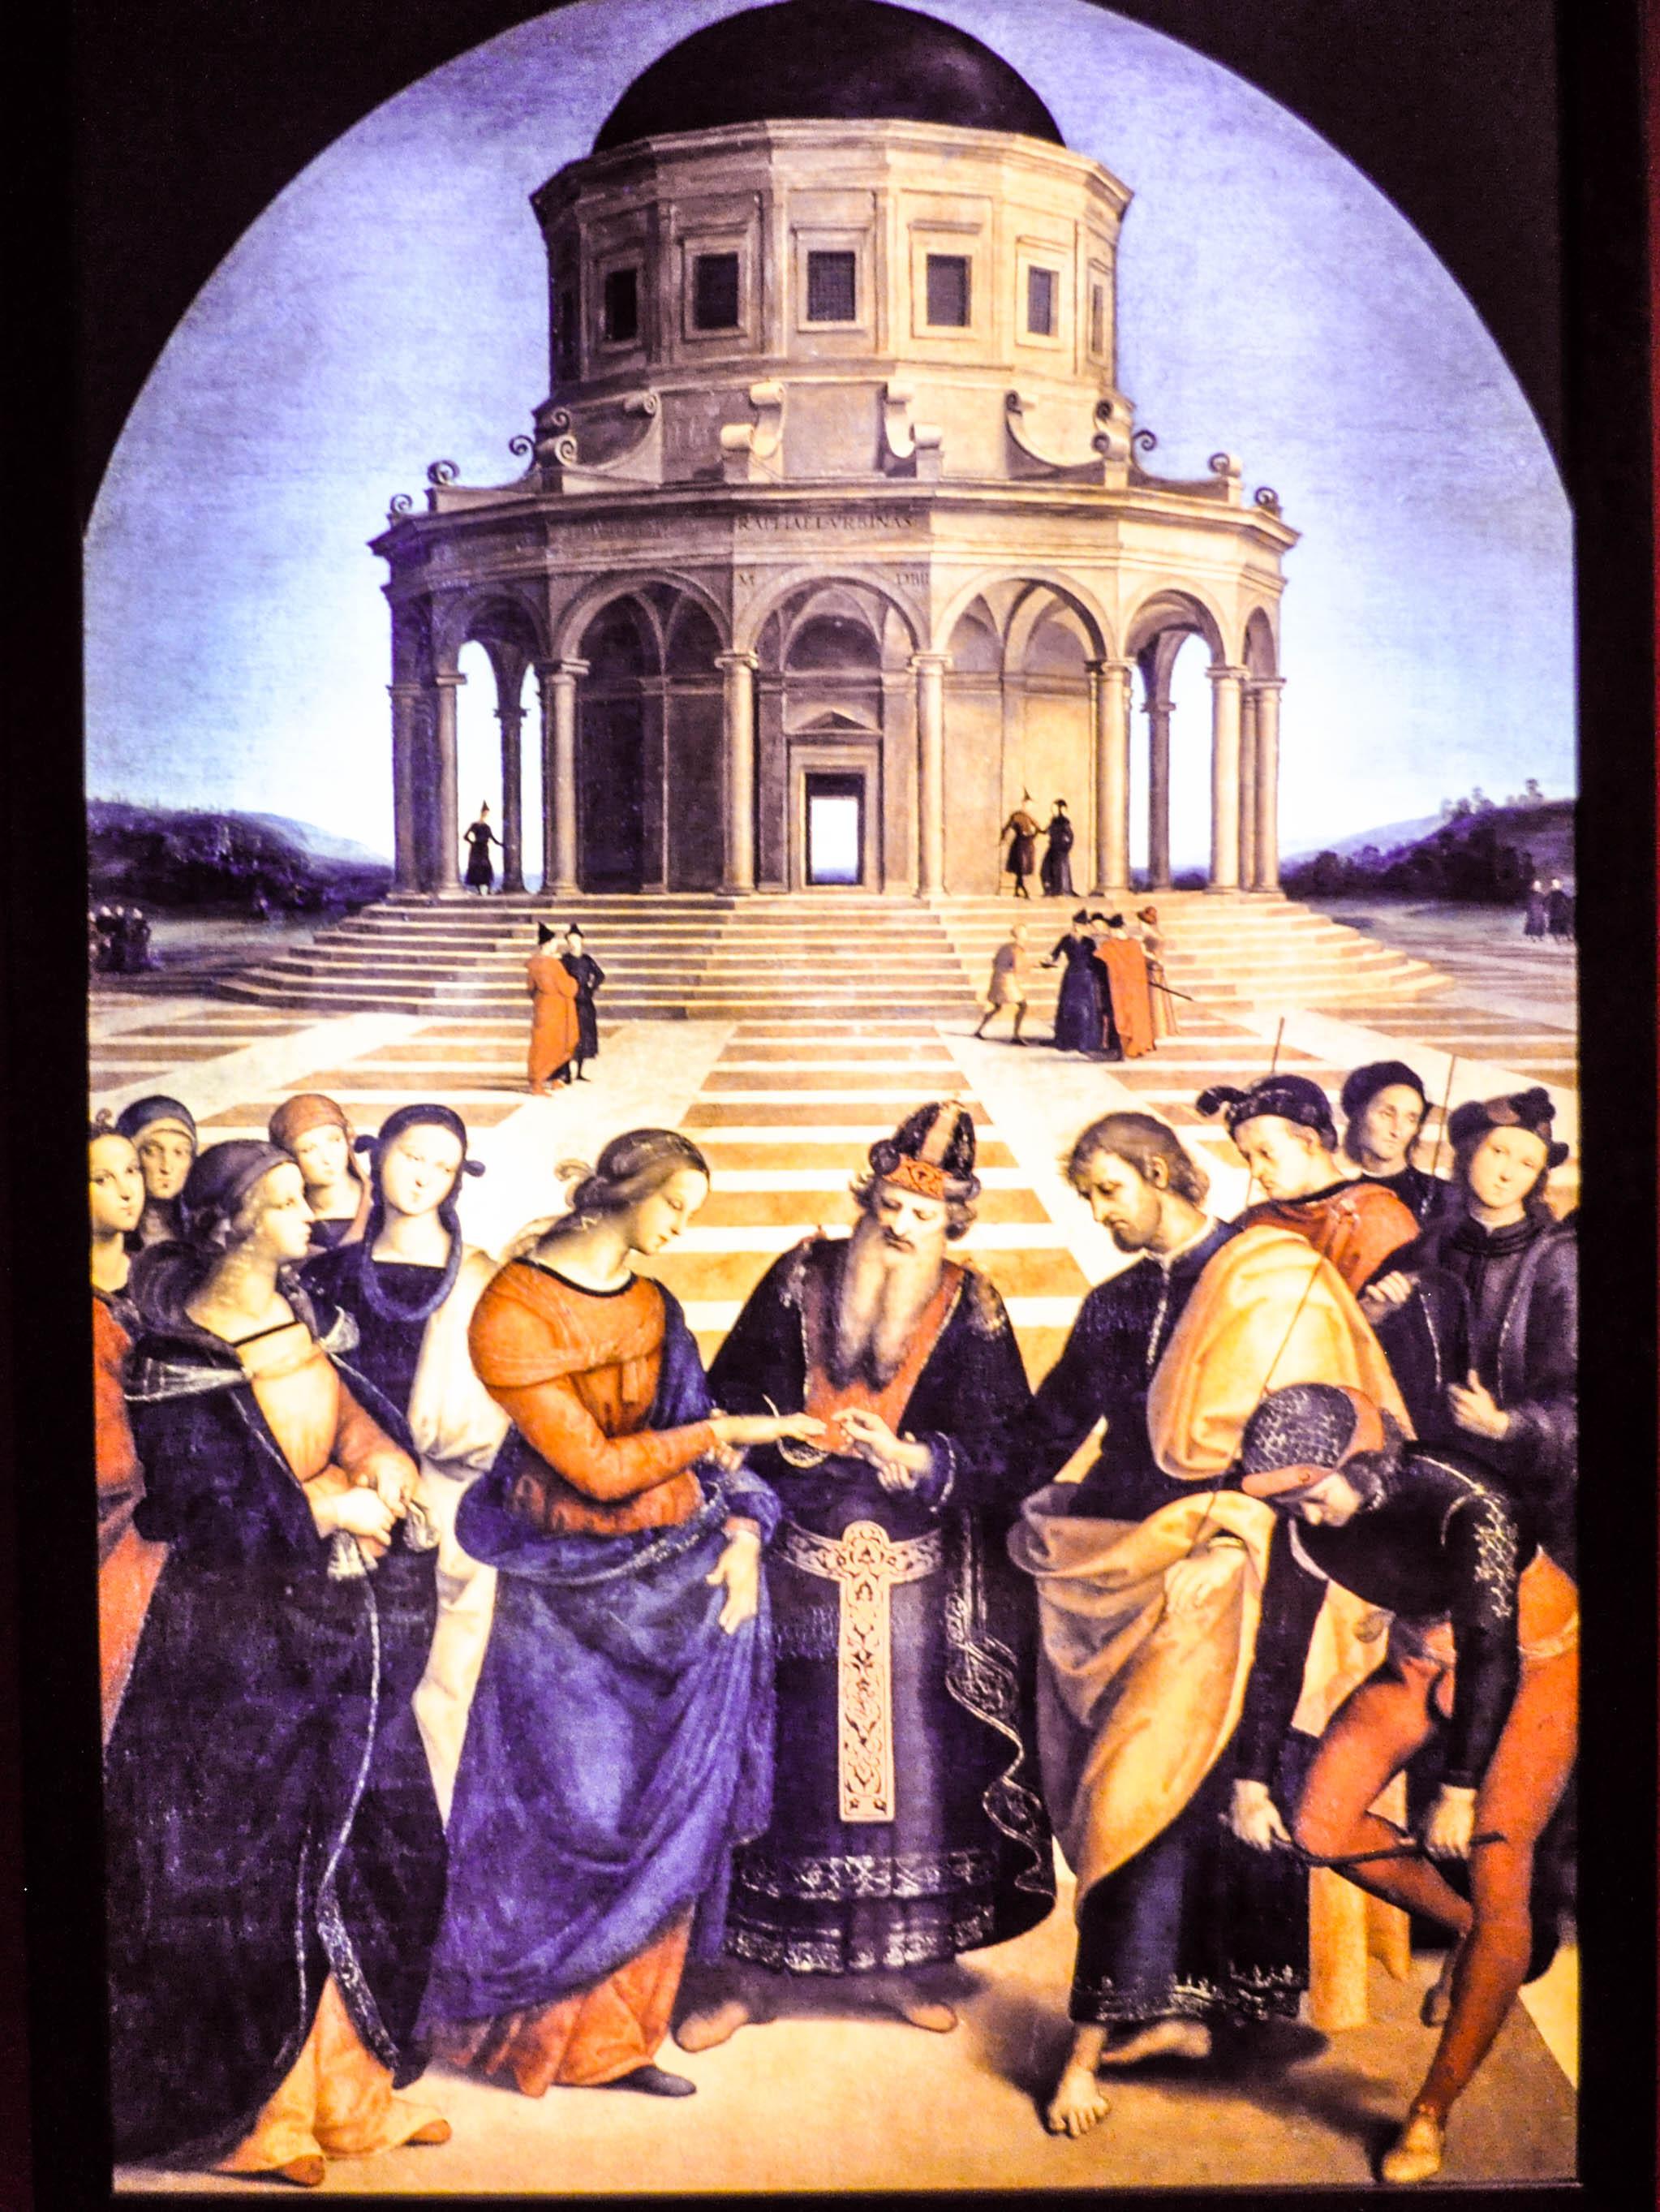 Los desposorios de la Virgen Rafael - Wikipedia, la